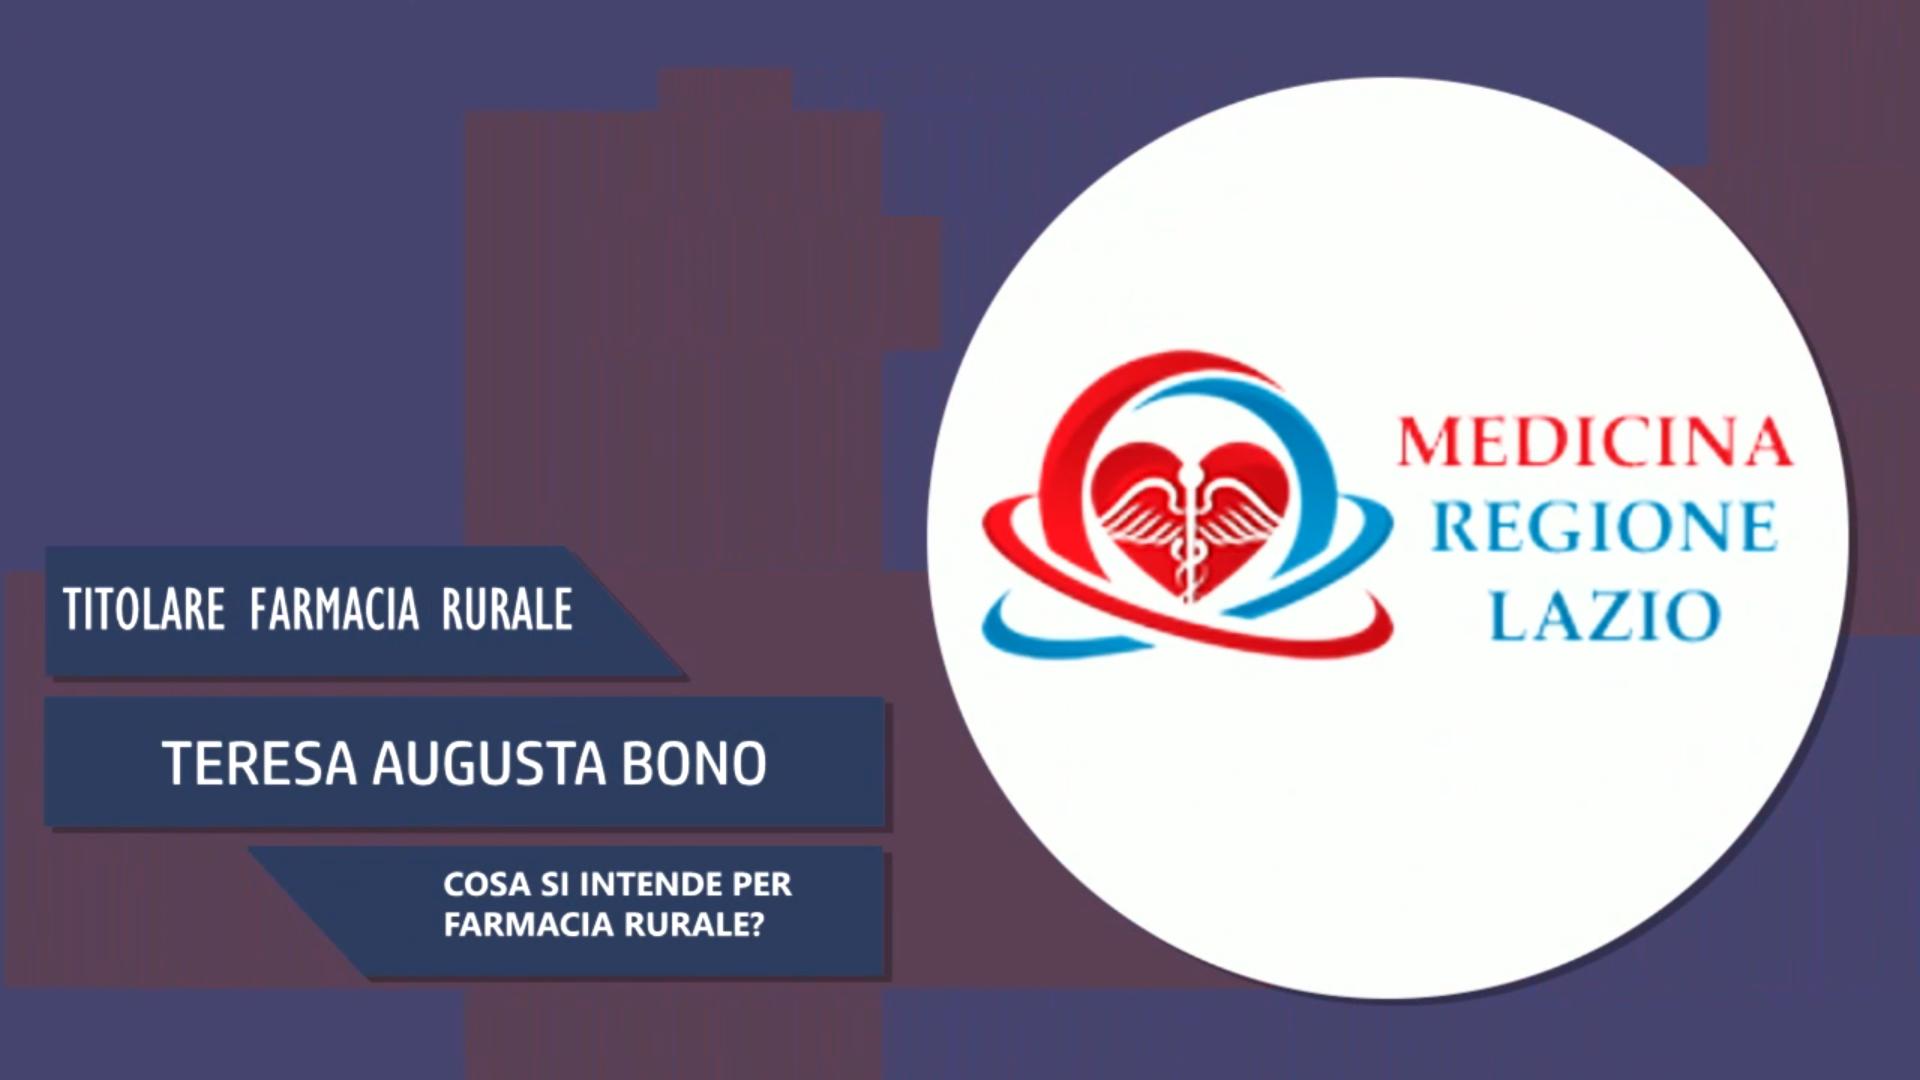 Intervista a Teresa Augusta Bono – Farmacia Rurale